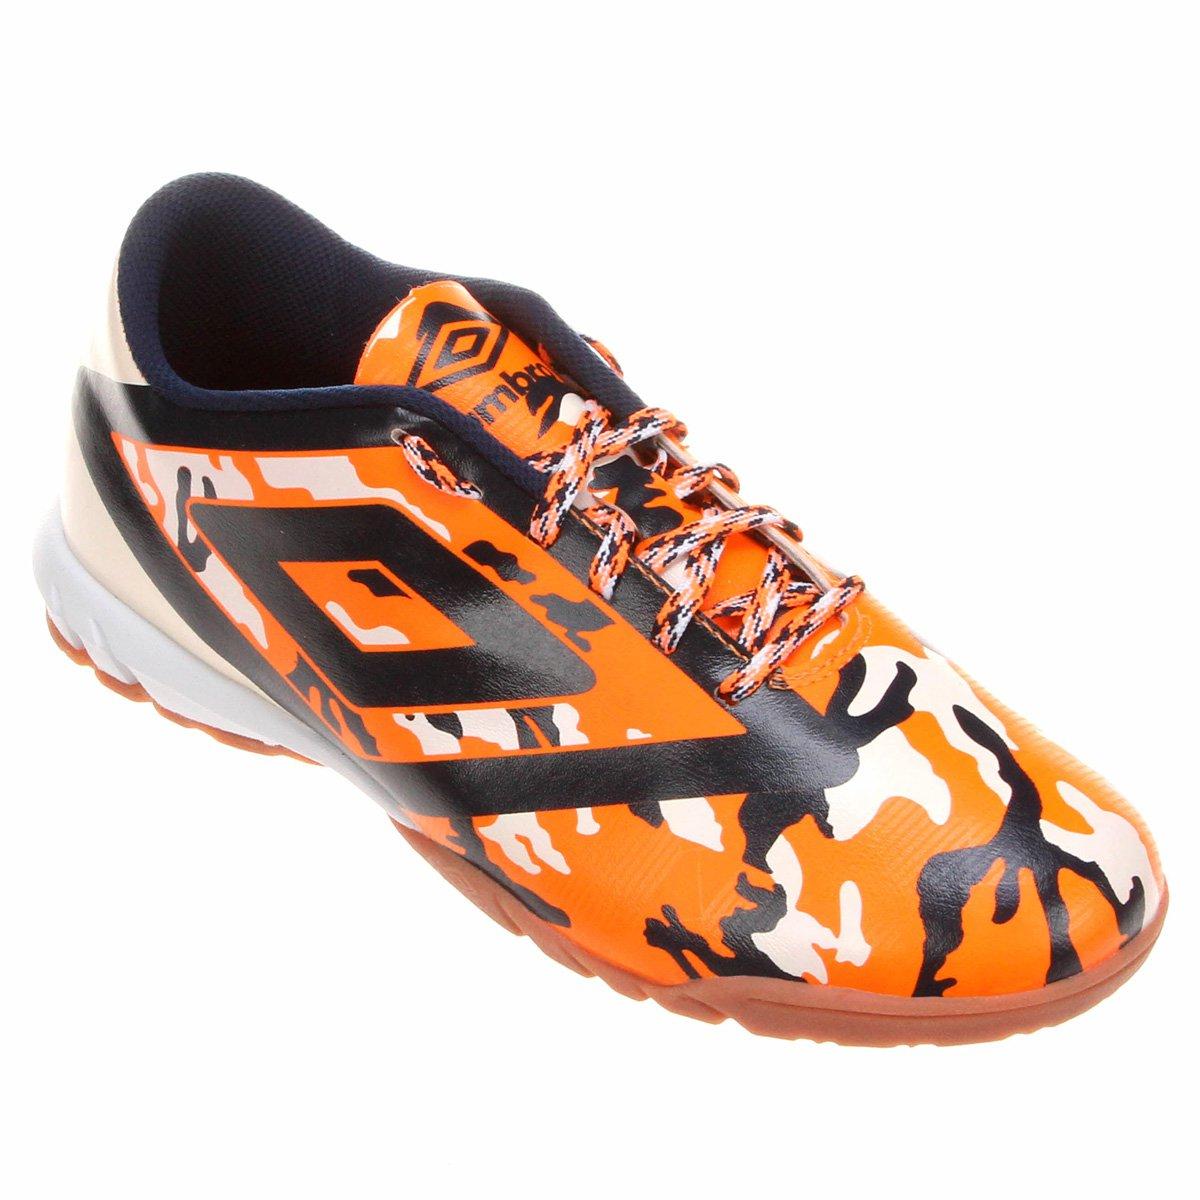 a525801337 Chuteira Umbro Geo Flare 2 League Futsal - Compre Agora